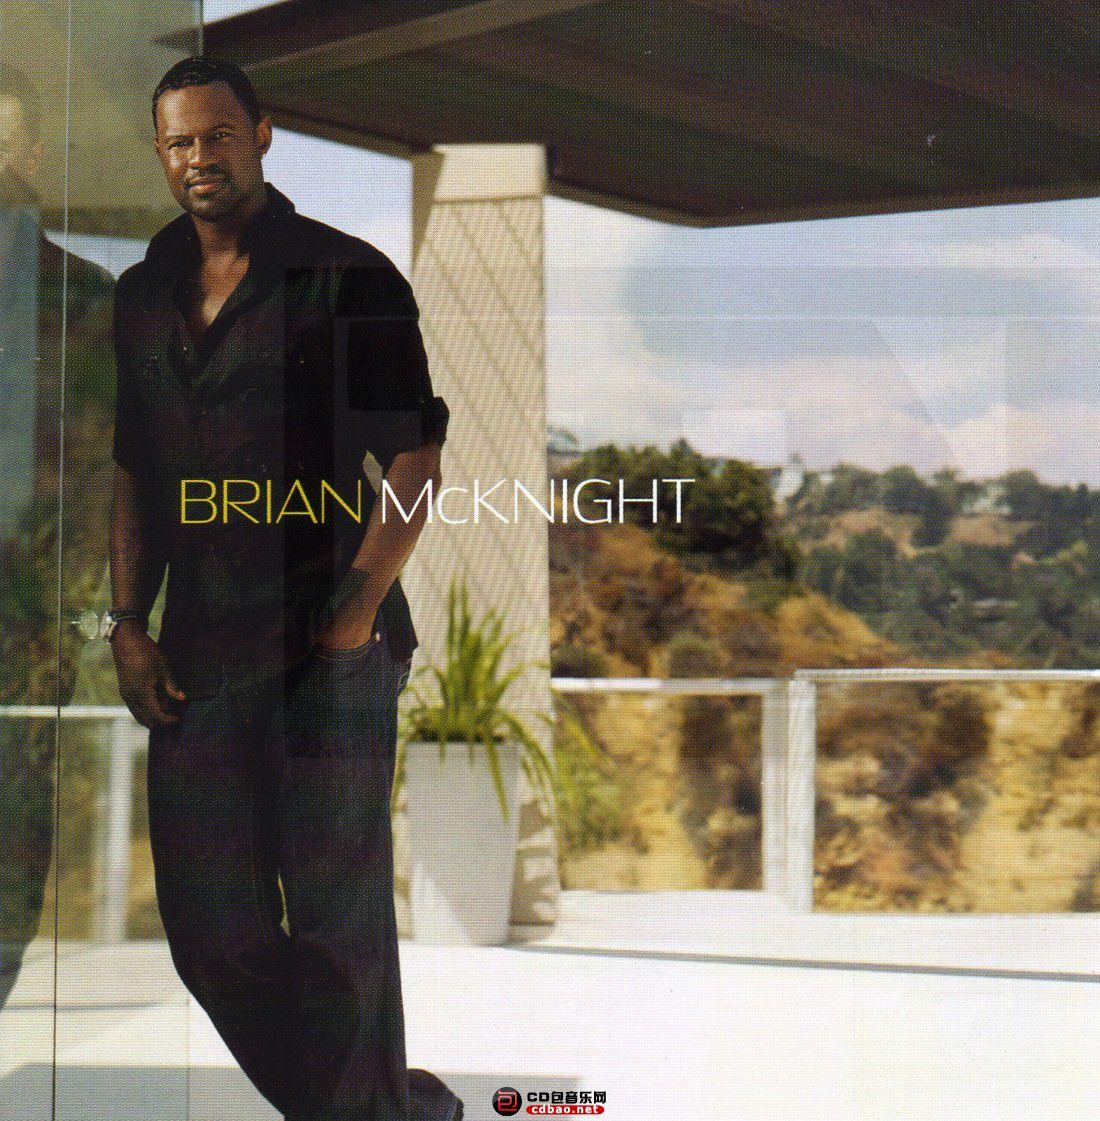 Brian Mcknight '2006 - Ten [Warner Bros. Records, 9362-44468-2]_front.jpg